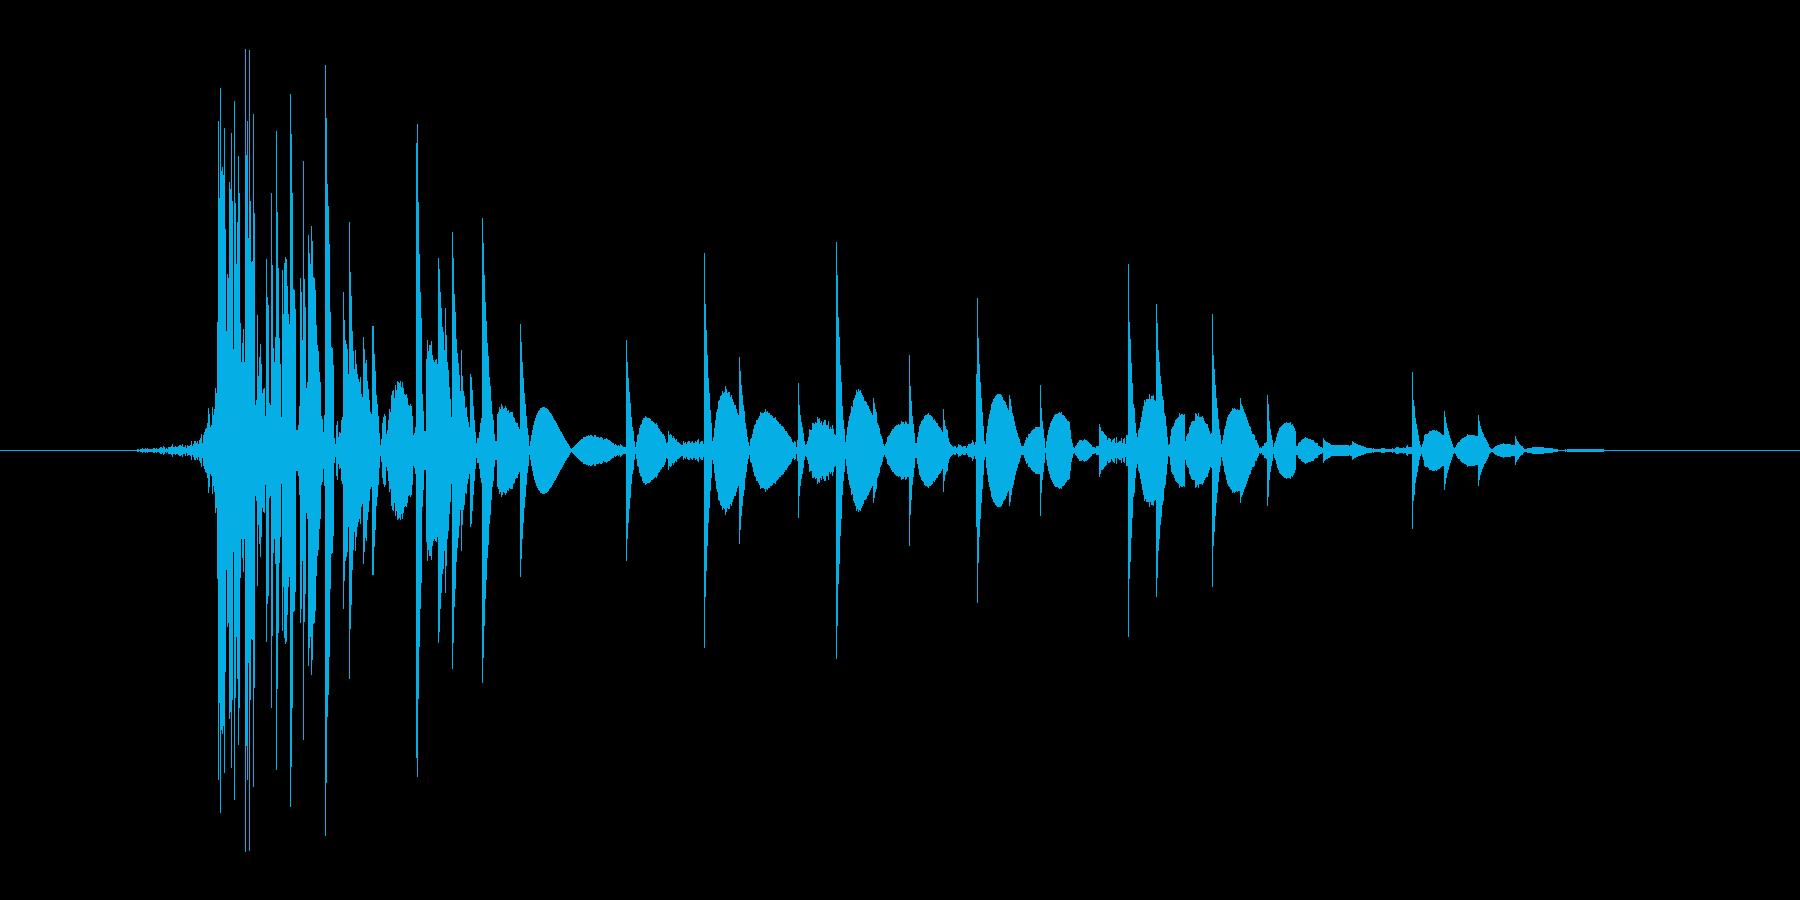 ゲーム(ファミコン風)爆発音_007の再生済みの波形